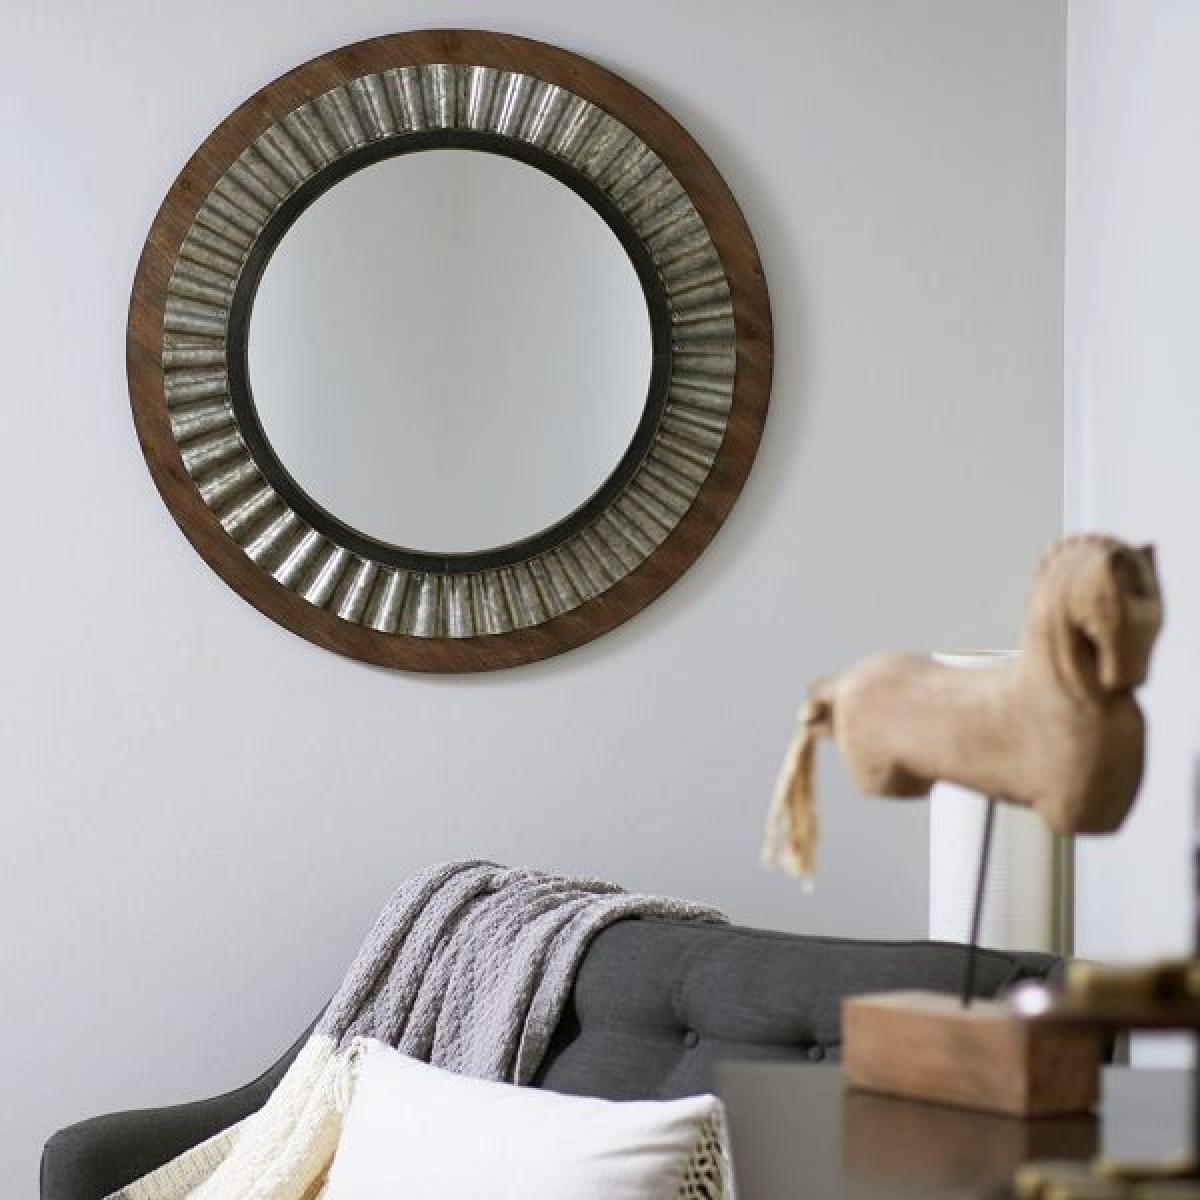 Gỗ và kim loại kết hợp với nhau chỉ cần mộc mạc như vậy cũng đủ nói lên phong cách tối giản của chủ nhà.